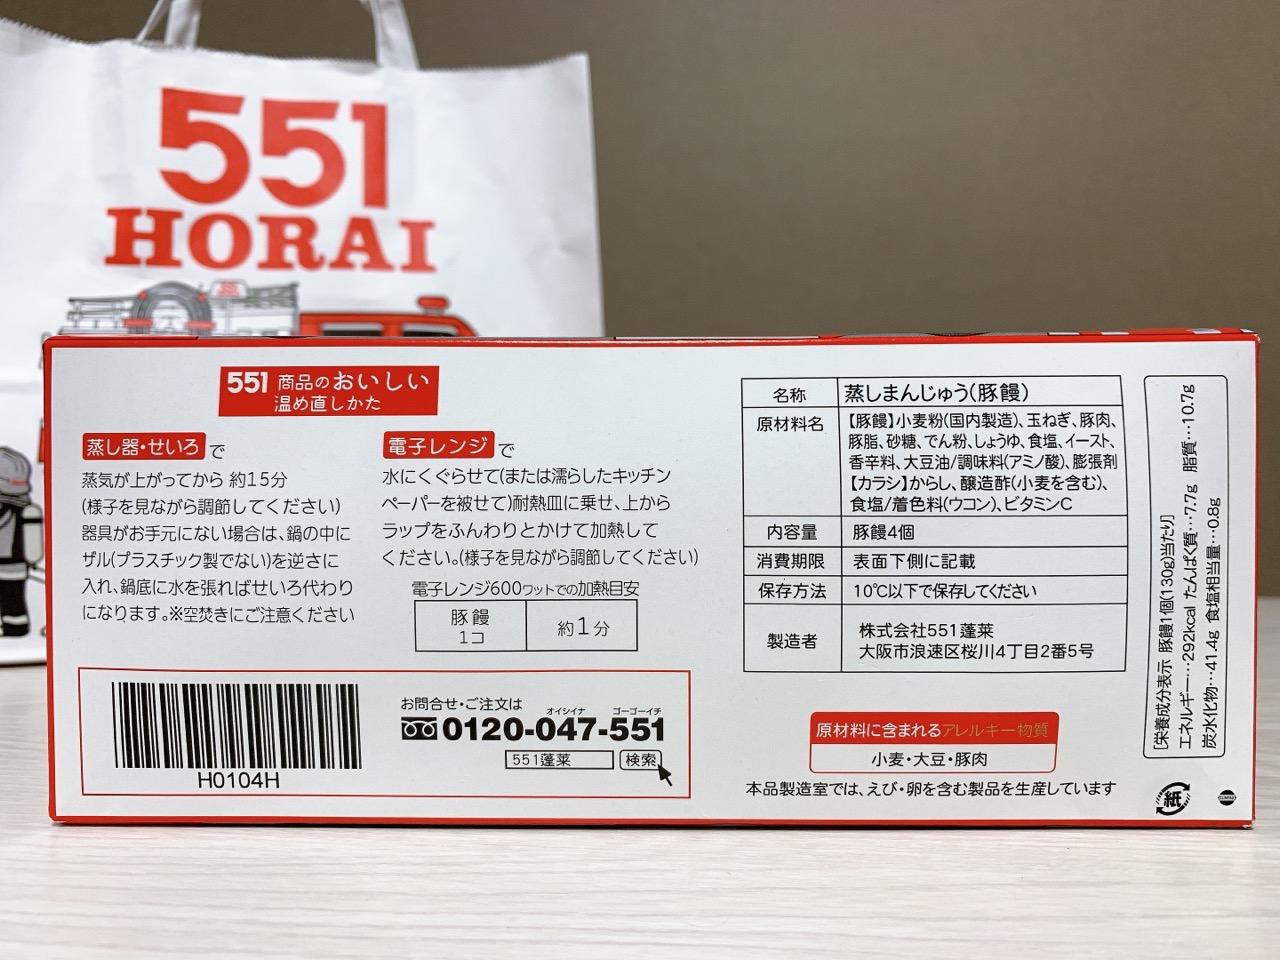 551HORAI 蓬莱|大阪名物の豚まんの温め方について